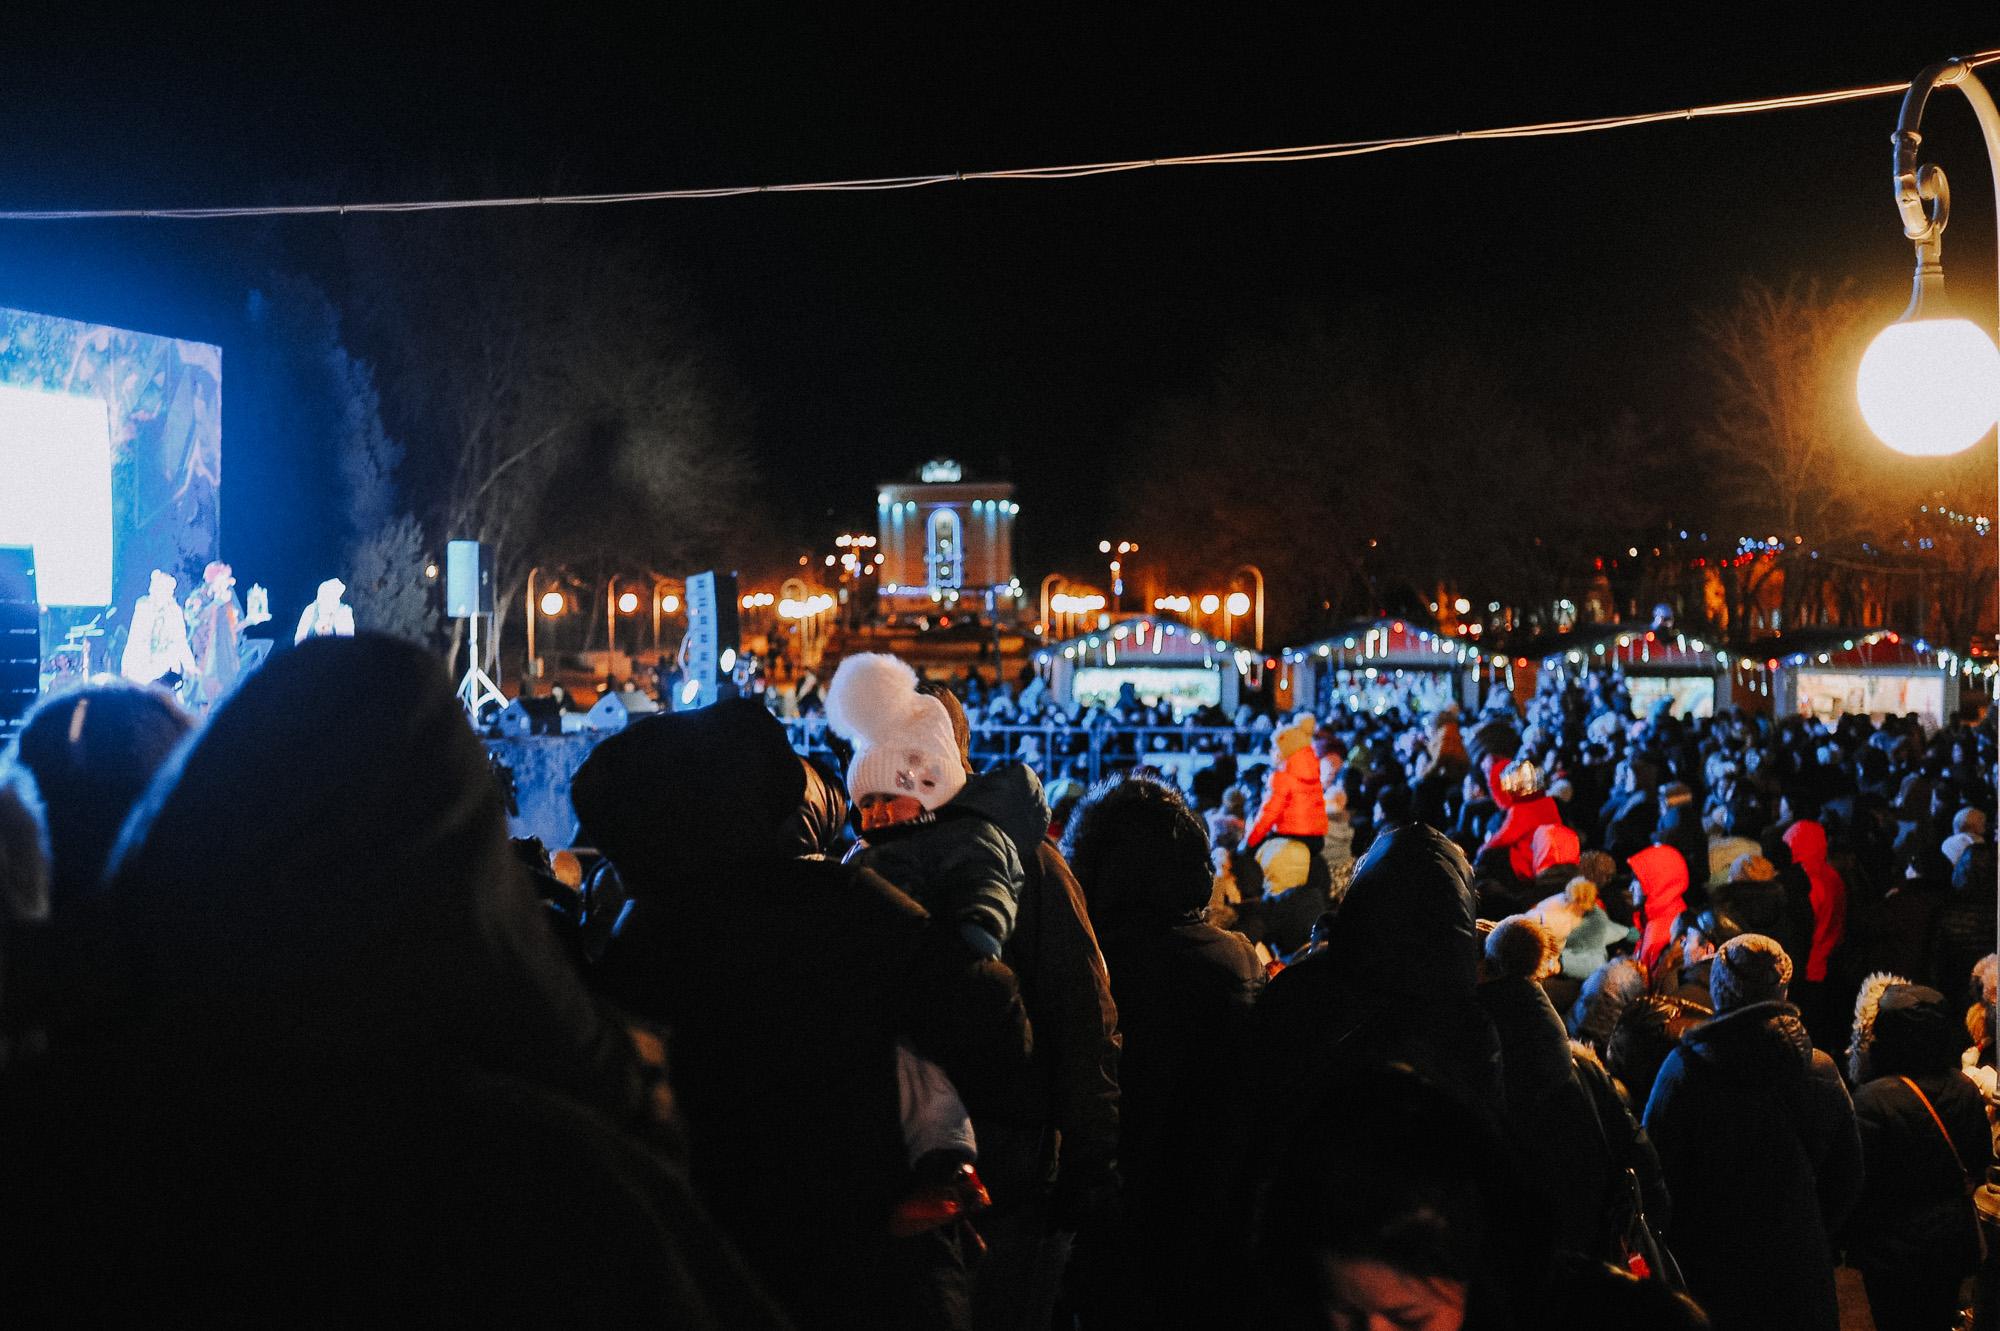 ZZZ 6867 В Астрахани на площади Ленина зажгли новогоднюю елку: кадры торжества